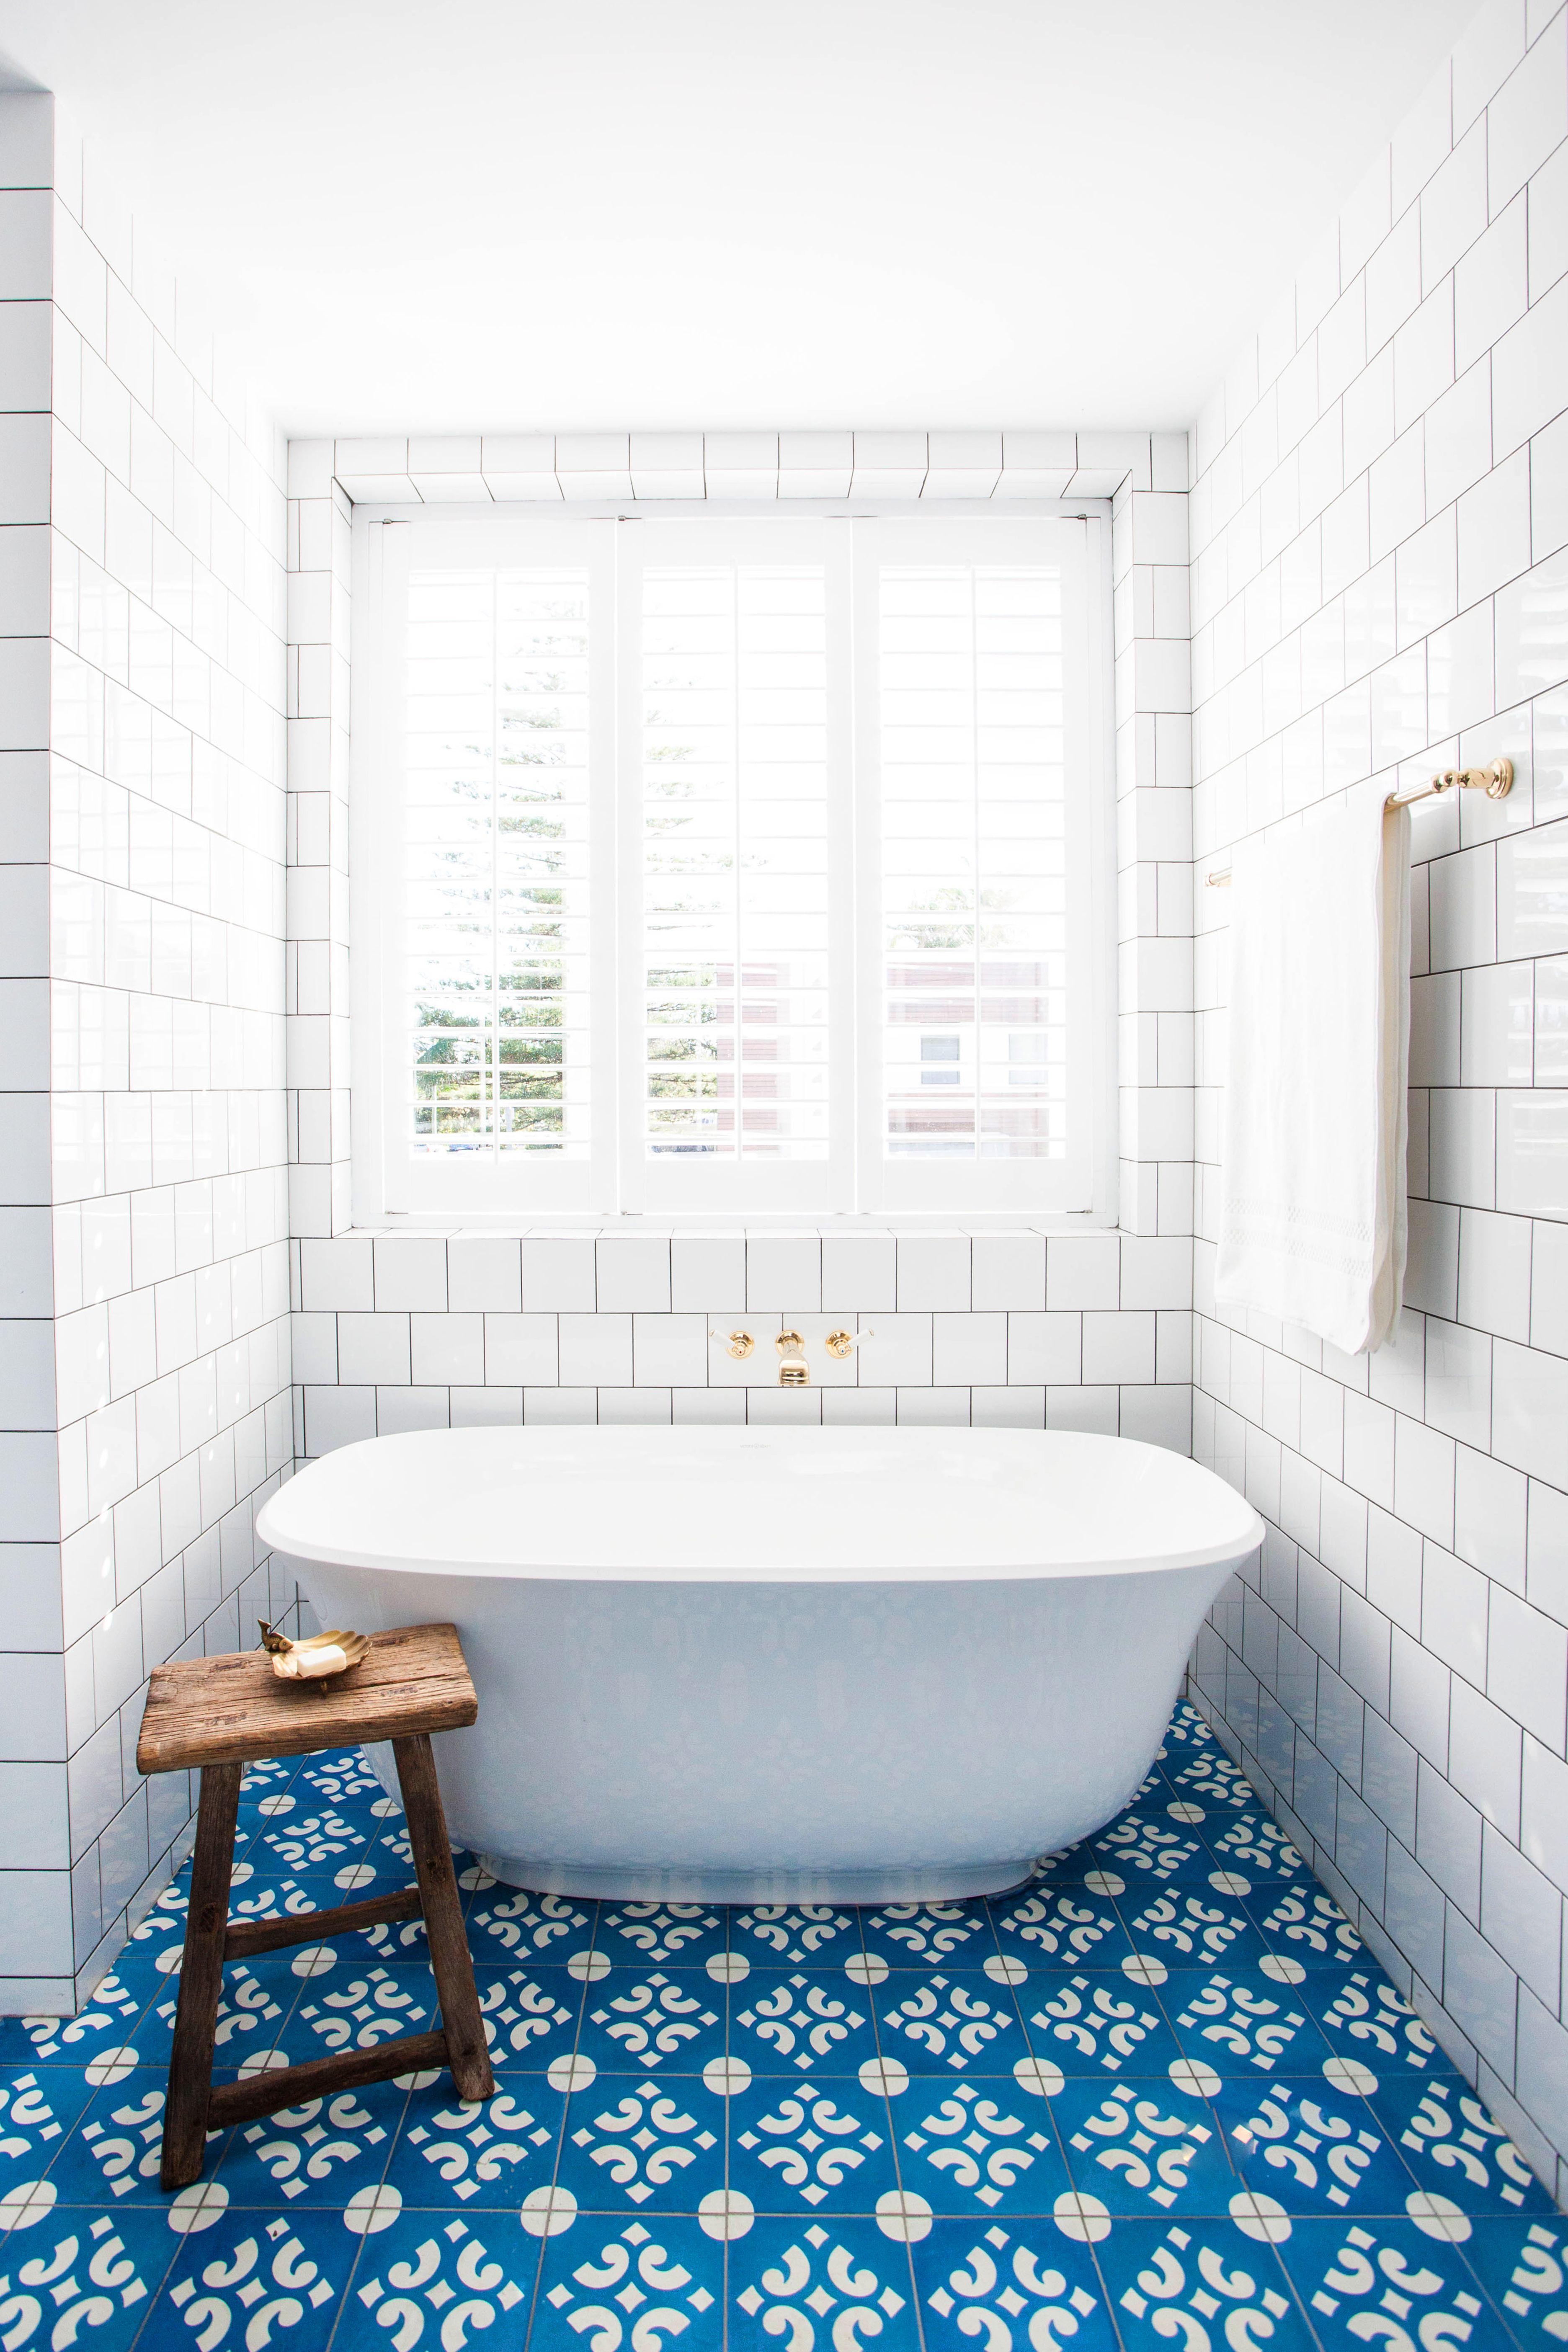 Bäderwelten the amiata bath at halcyon house bäderwelten bath